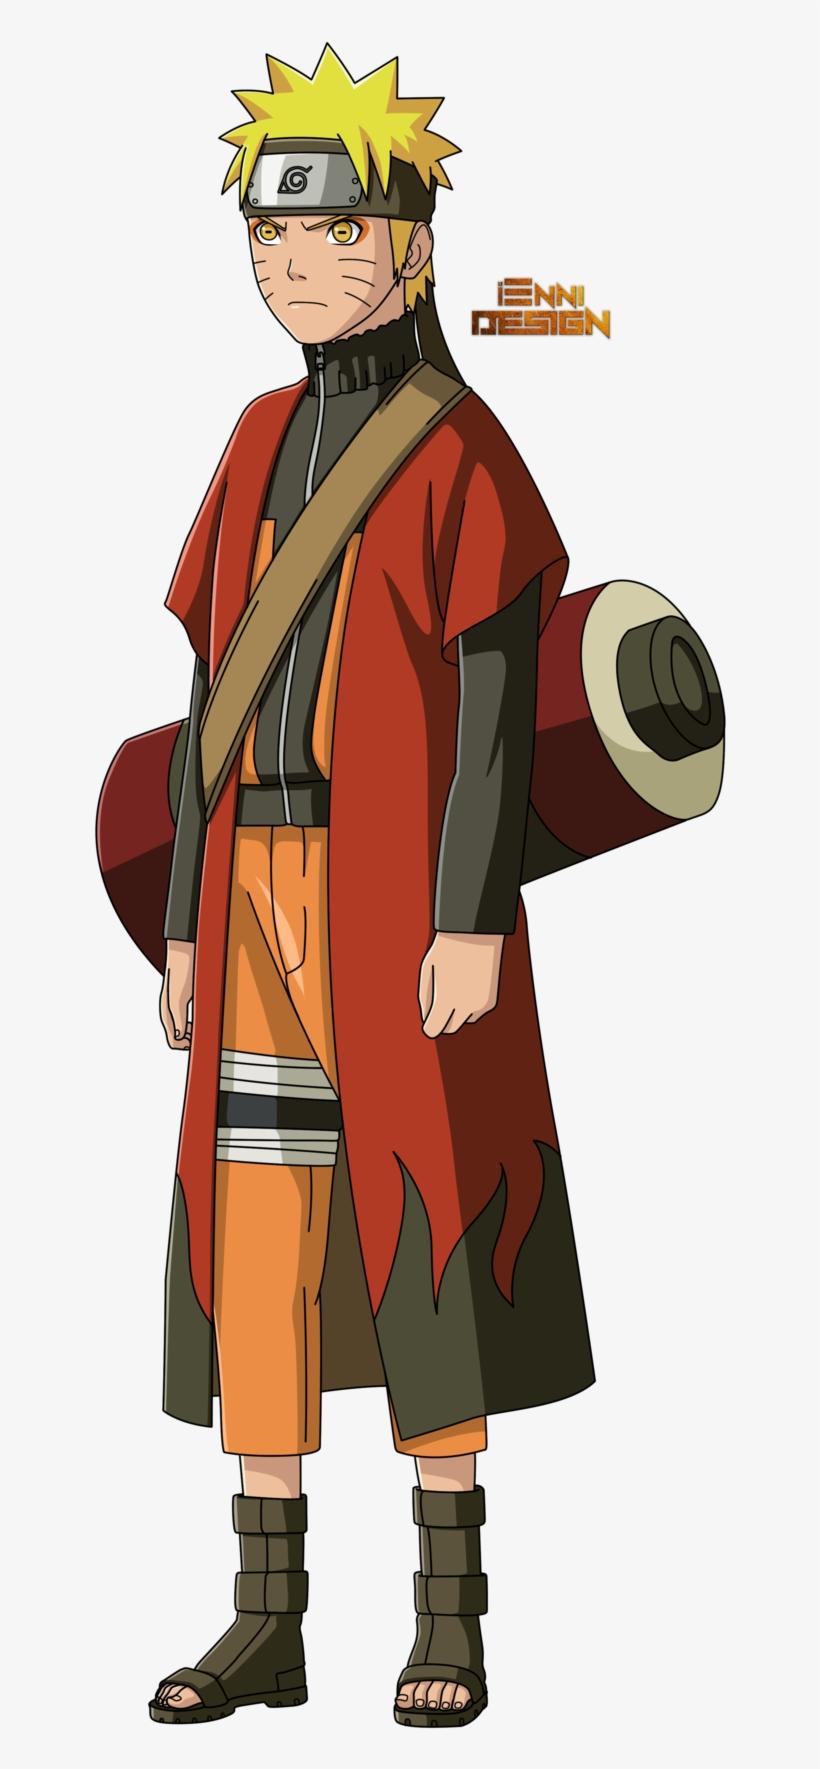 Naruto Shippuden Naruto Uzumaki Sage Mode, transparent png #130181